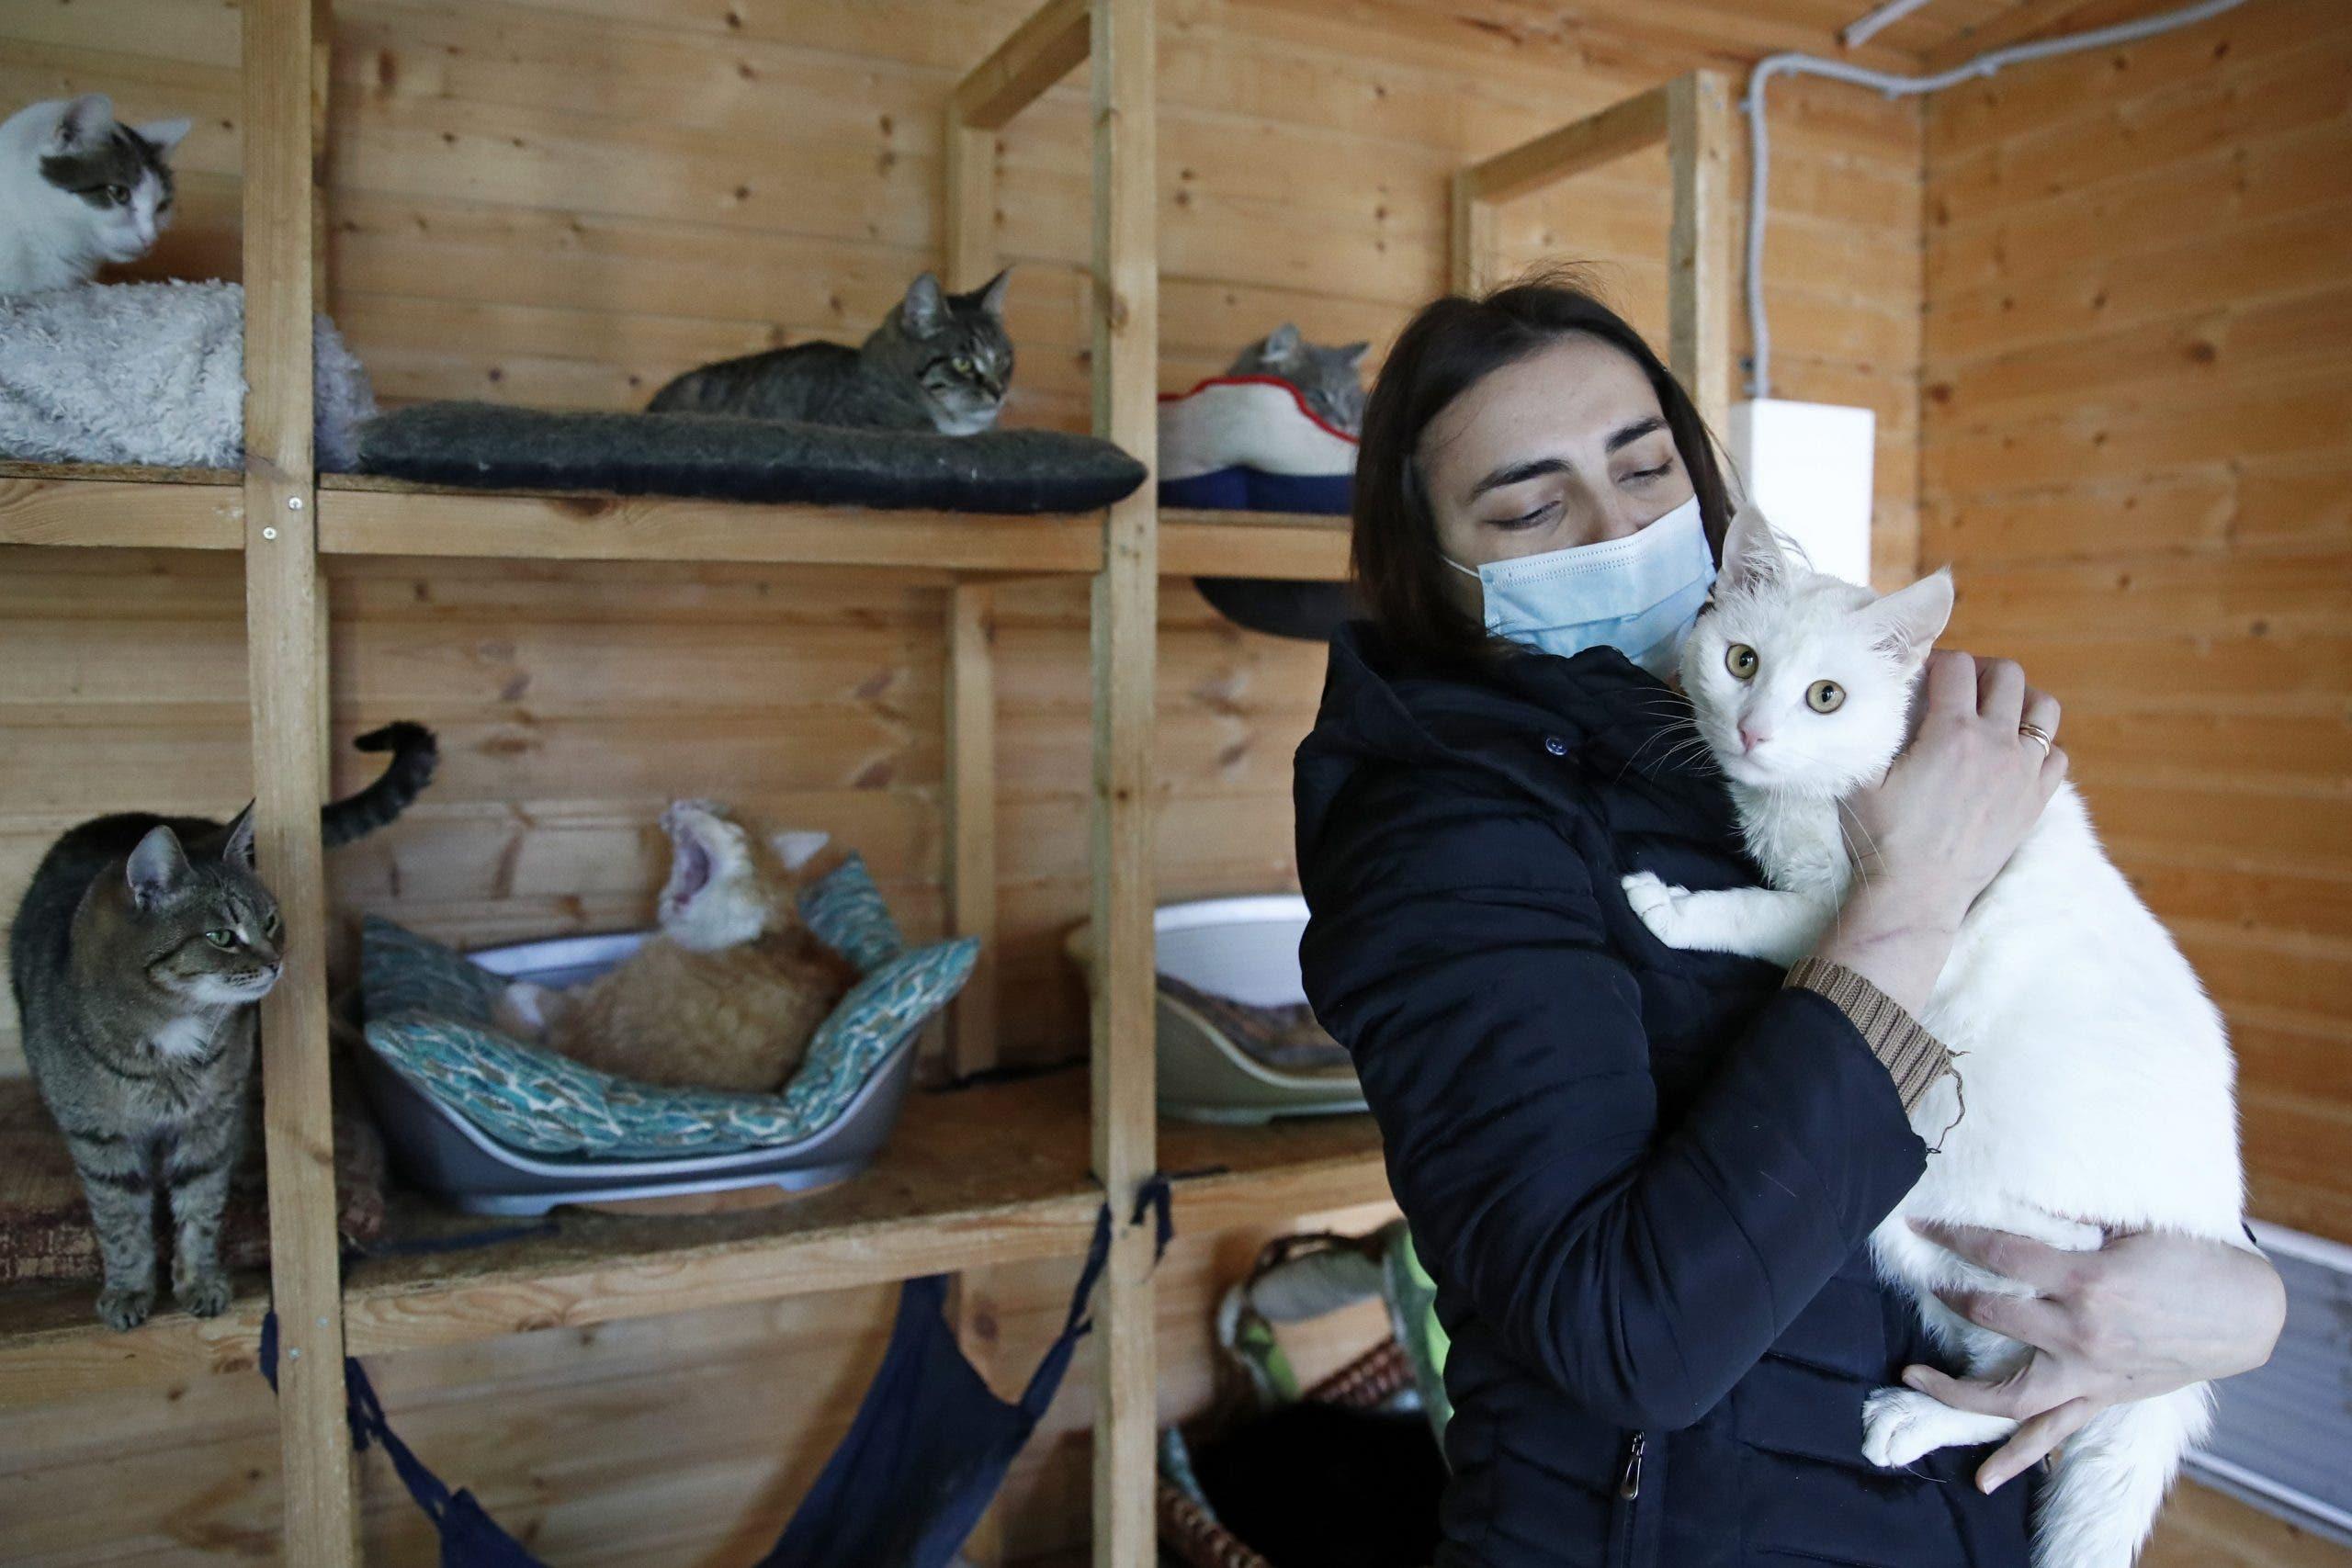 Refugio Para Animales En Rusia Que Recoge A Estos De La Calle Durante La Pandemia De Coronavirus